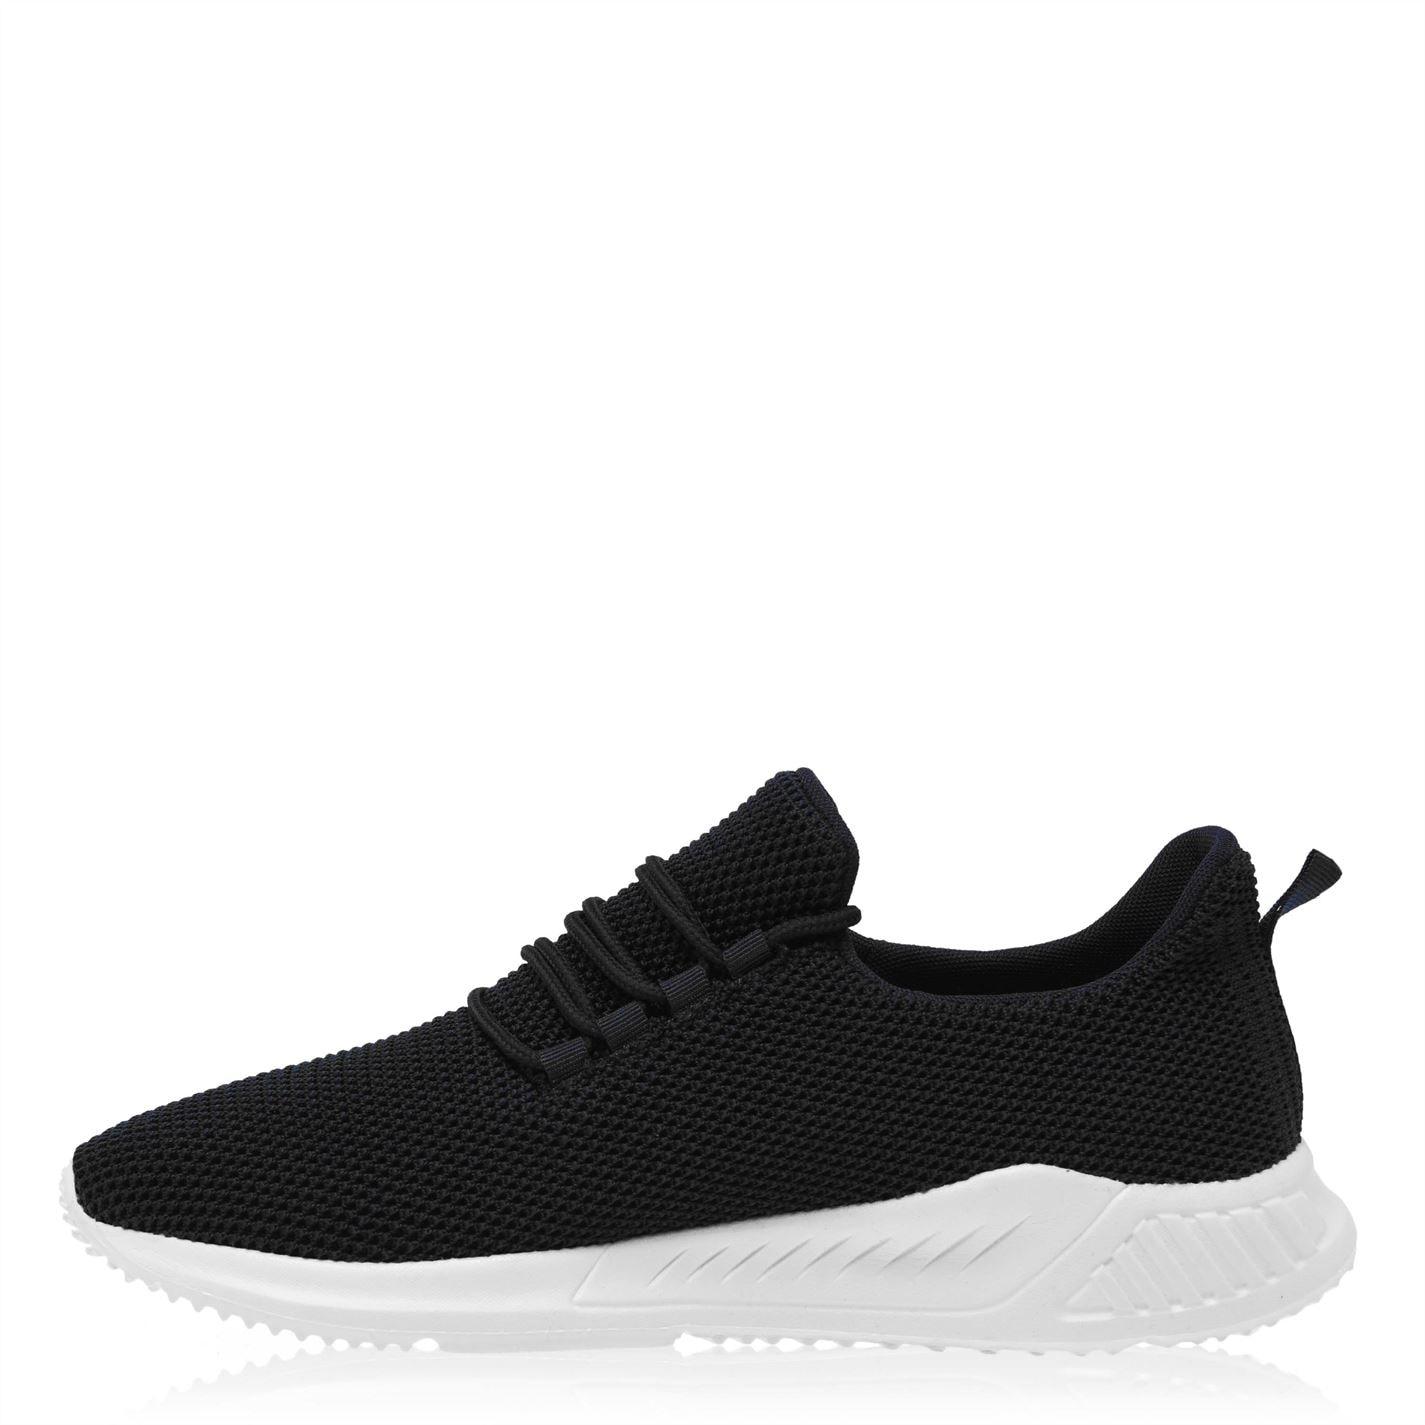 Adidasi sport Fabric Santo pentru Femei negru alb